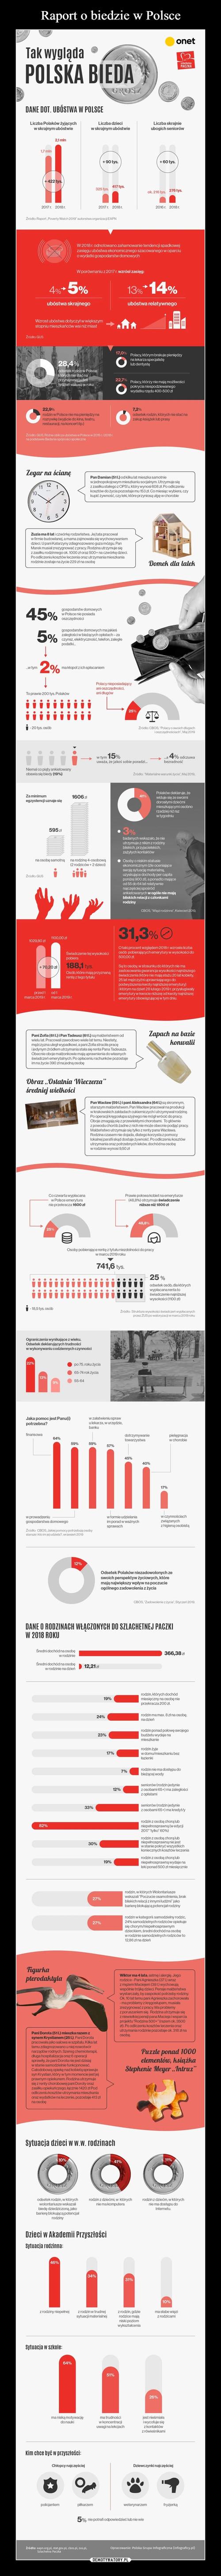 Raport o biedzie w Polsce